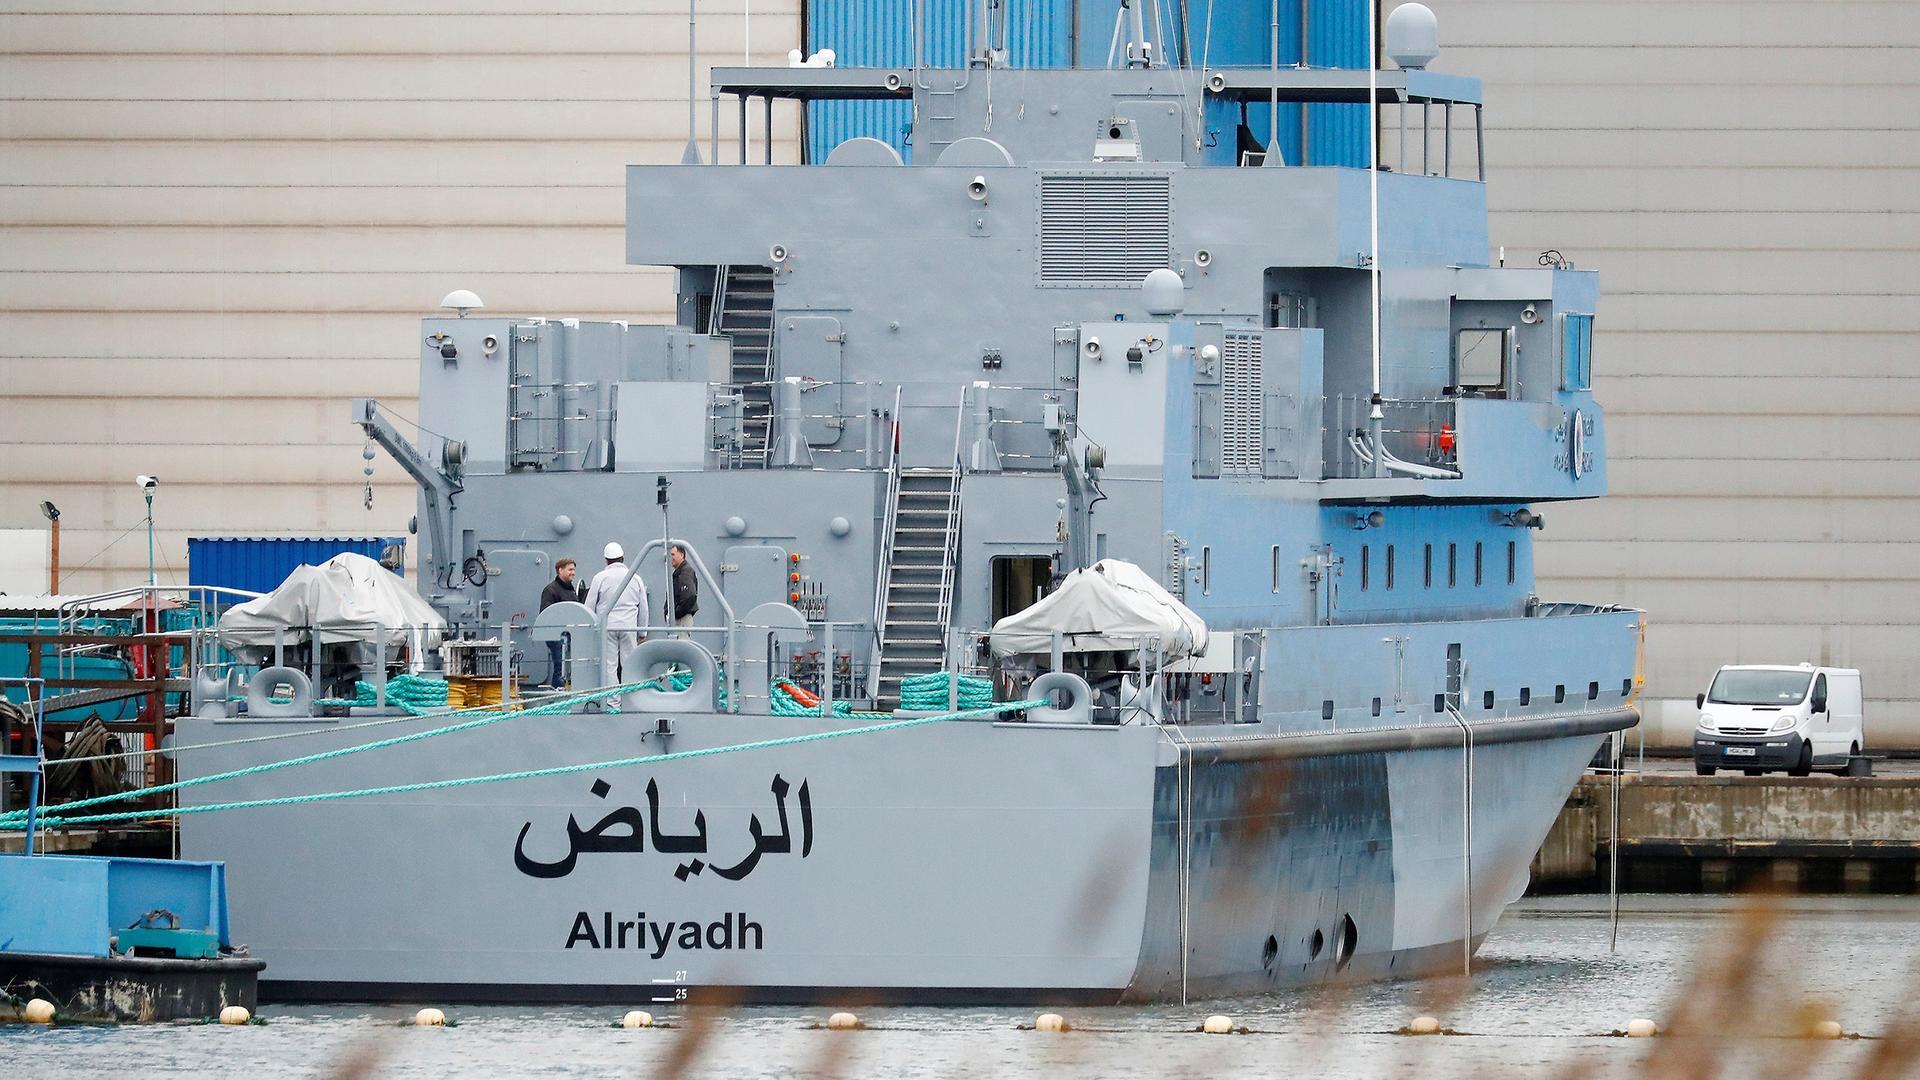 Kritik an Rüstungsexporten: Jemen-Katastrophe: Kirche rügen Berlin scharf